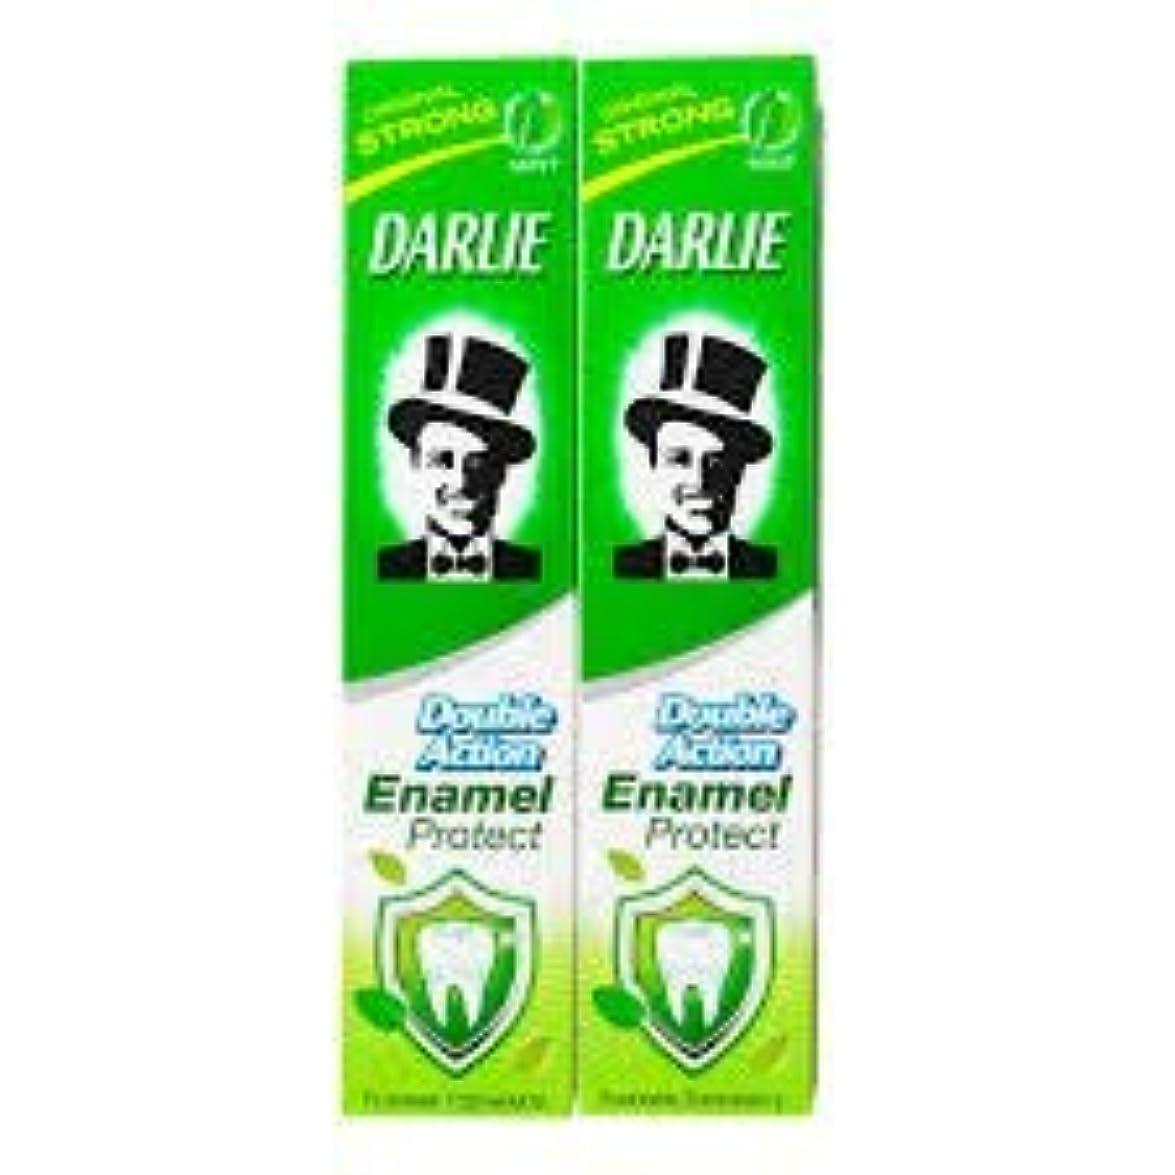 ジョージハンブリー調停者飼いならすDARLIE 歯磨き粉歯磨き粉二重の役割、保護エナメル強いミント2×220ケ - あなたの歯を強化し、防御の最前線